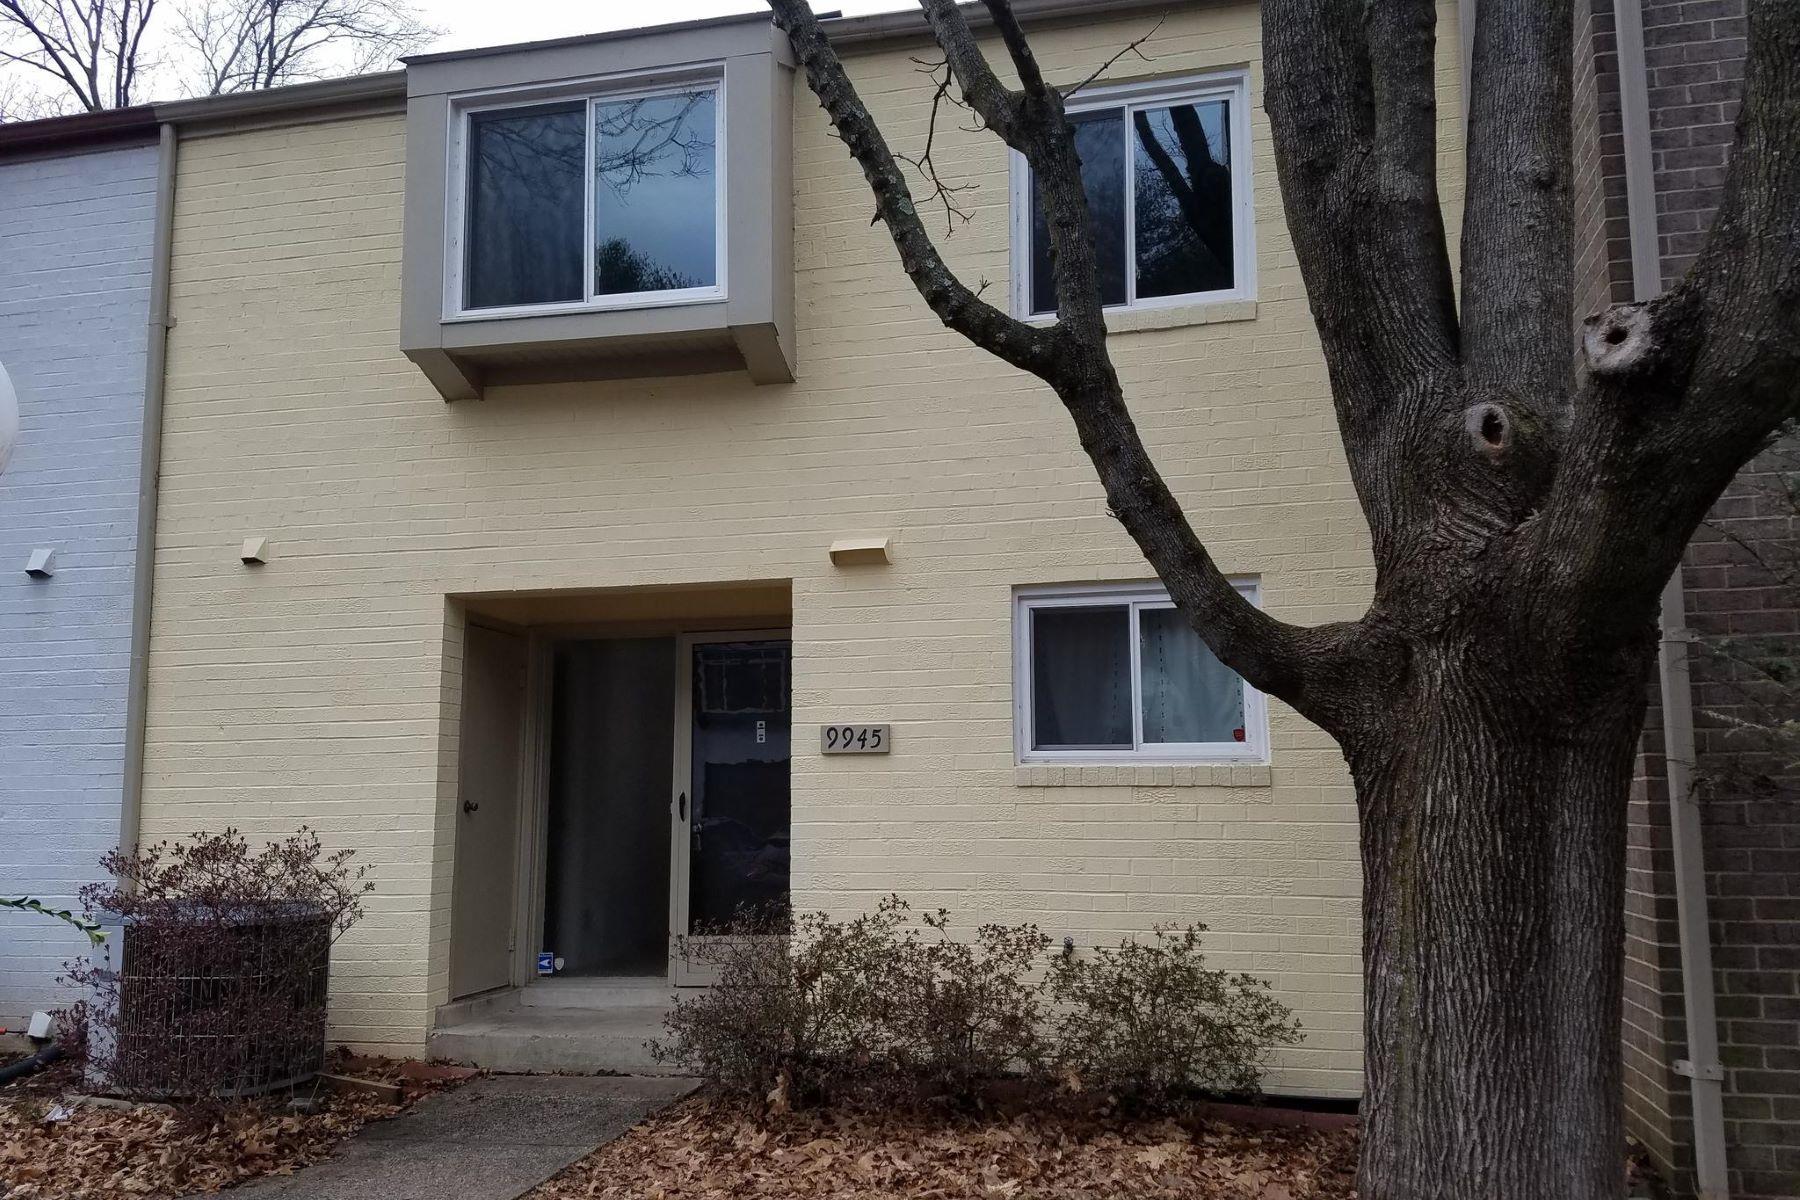 Townhouse for Rent at 9945 Lake Landing Rd 9945 Lake Landing Rd Gaithersburg, Maryland 20886 United States